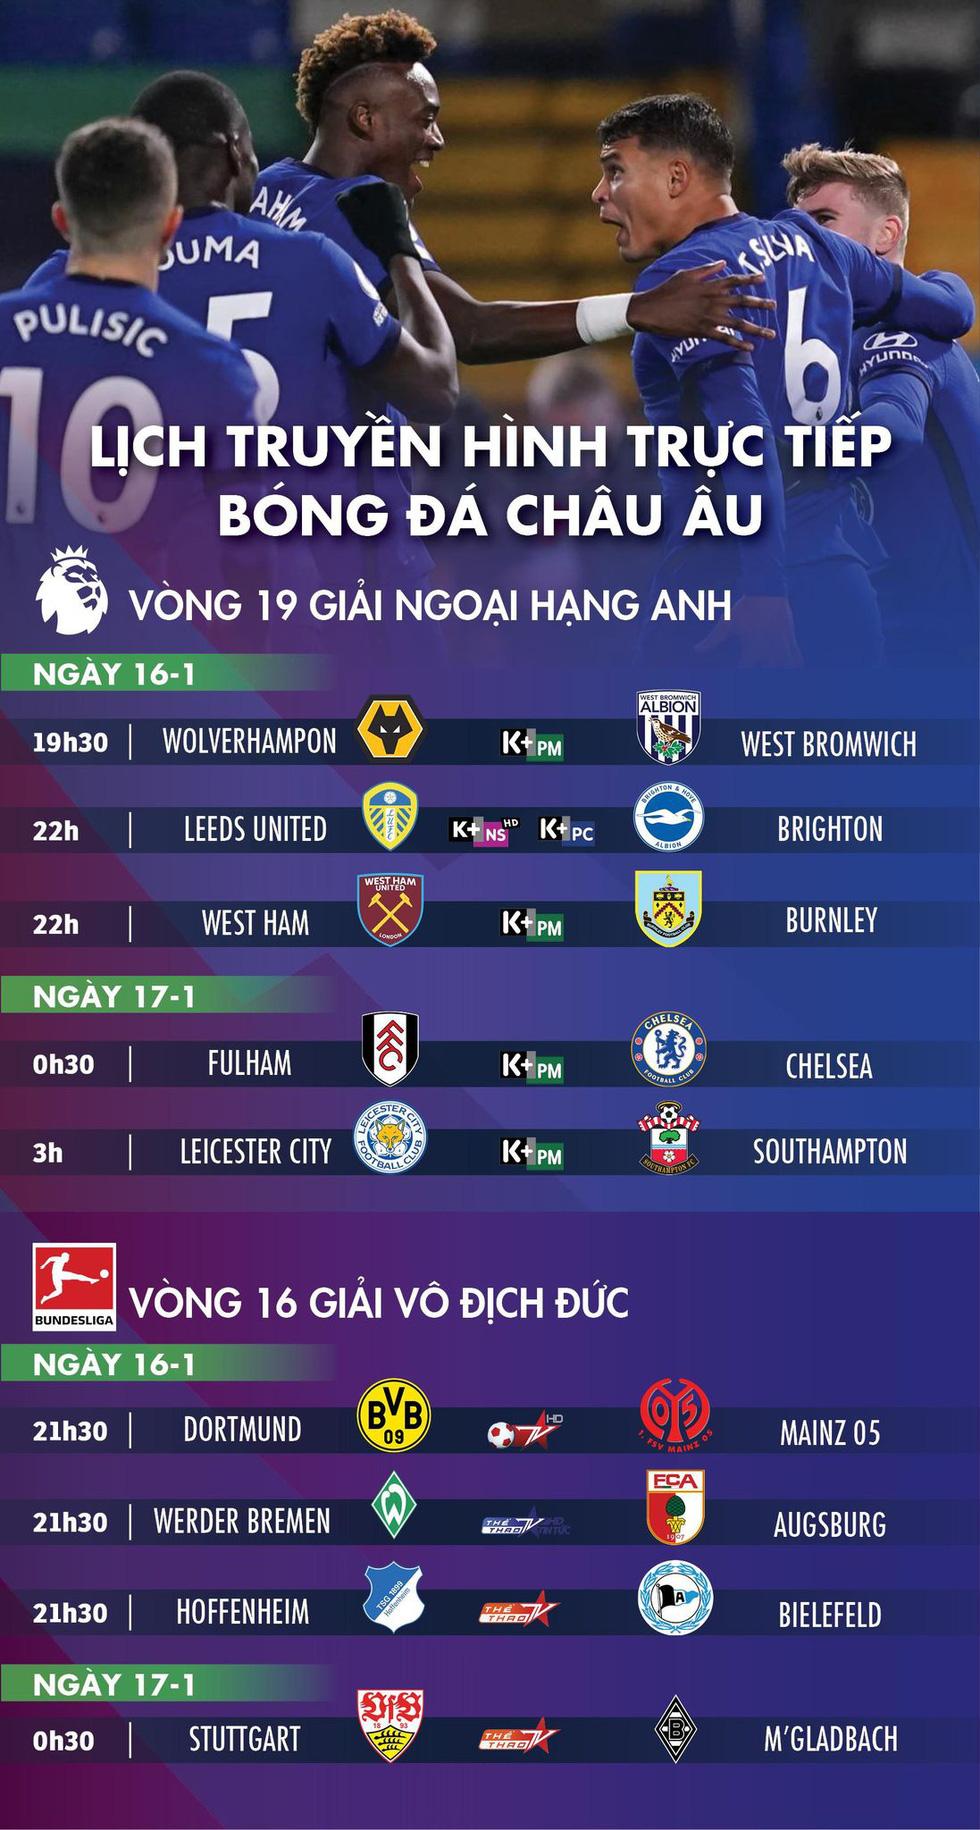 Lịch trực tiếp bóng đá châu Âu ngày 16-1: Chelsea, Leicester ra sân - Ảnh 1.